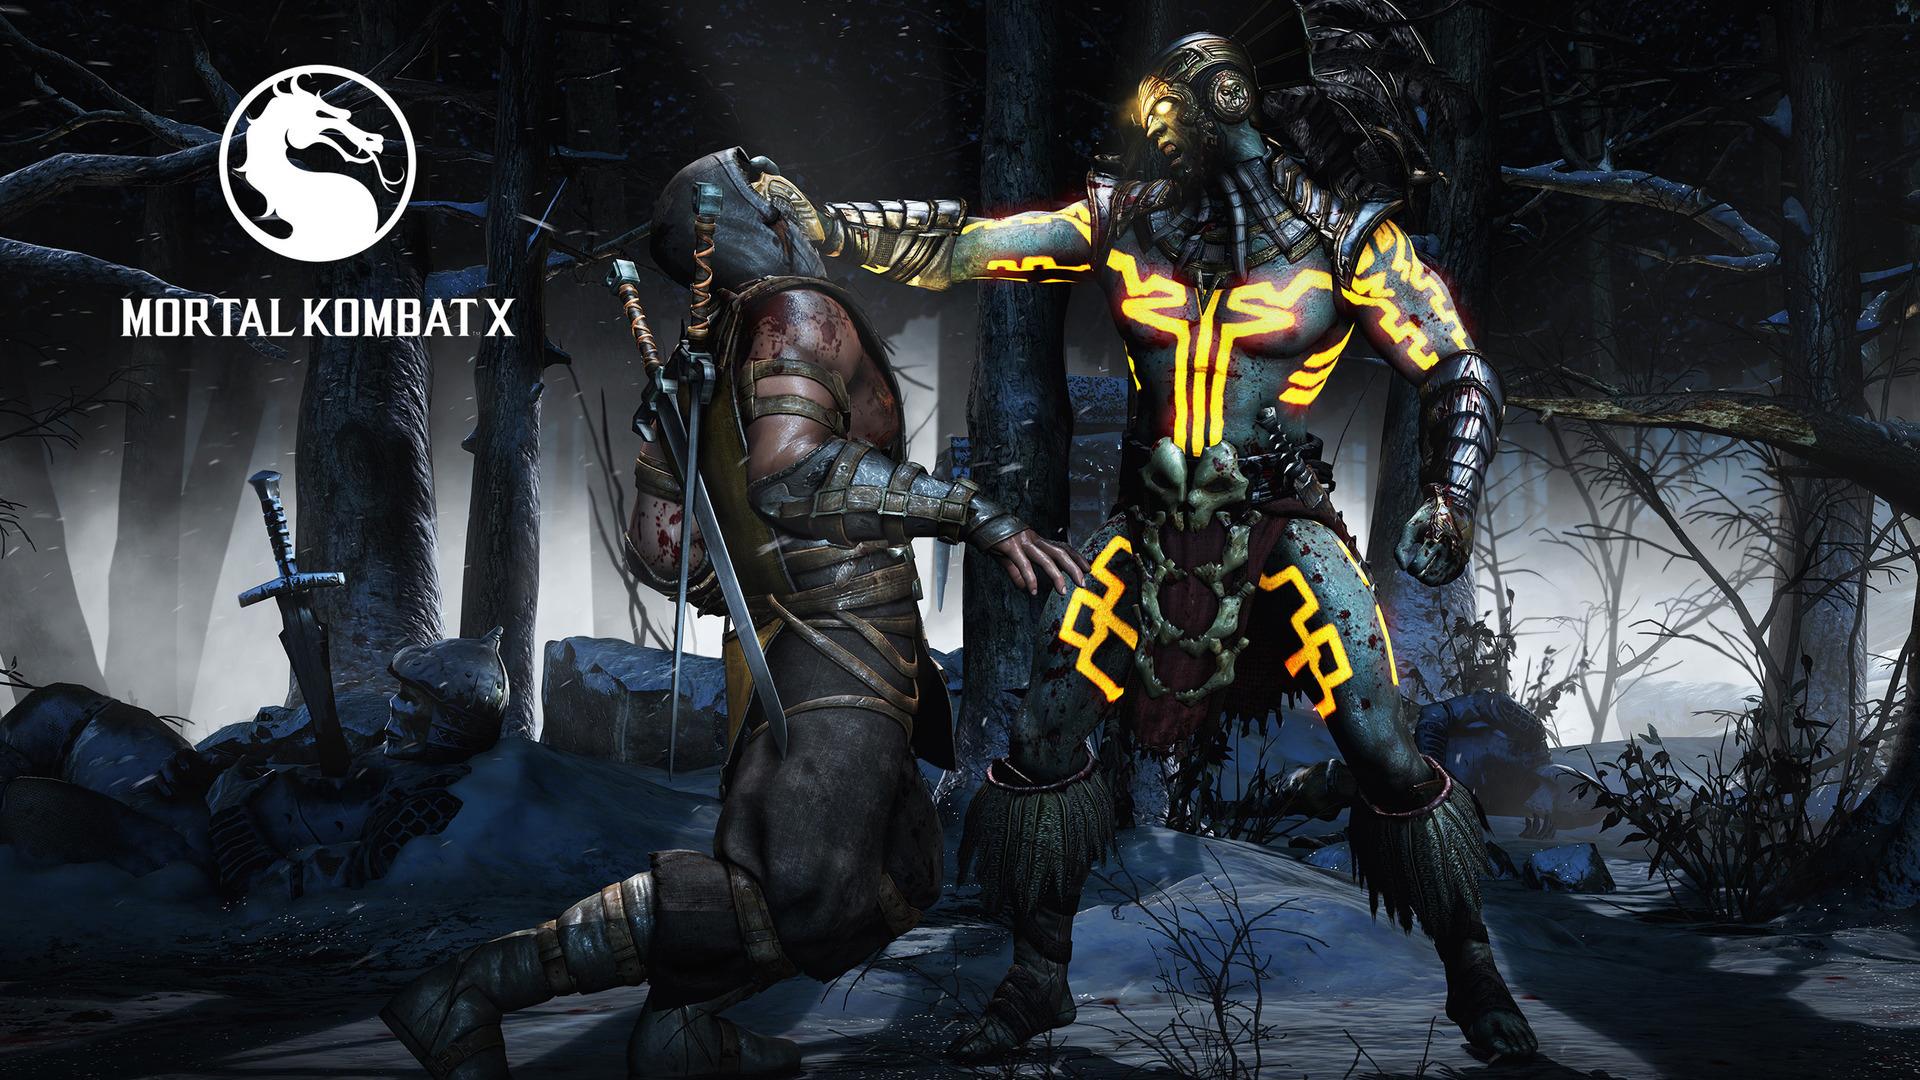 Las Versiones De Mortal Kombat X Para Playstation 3 Y Xbox 360